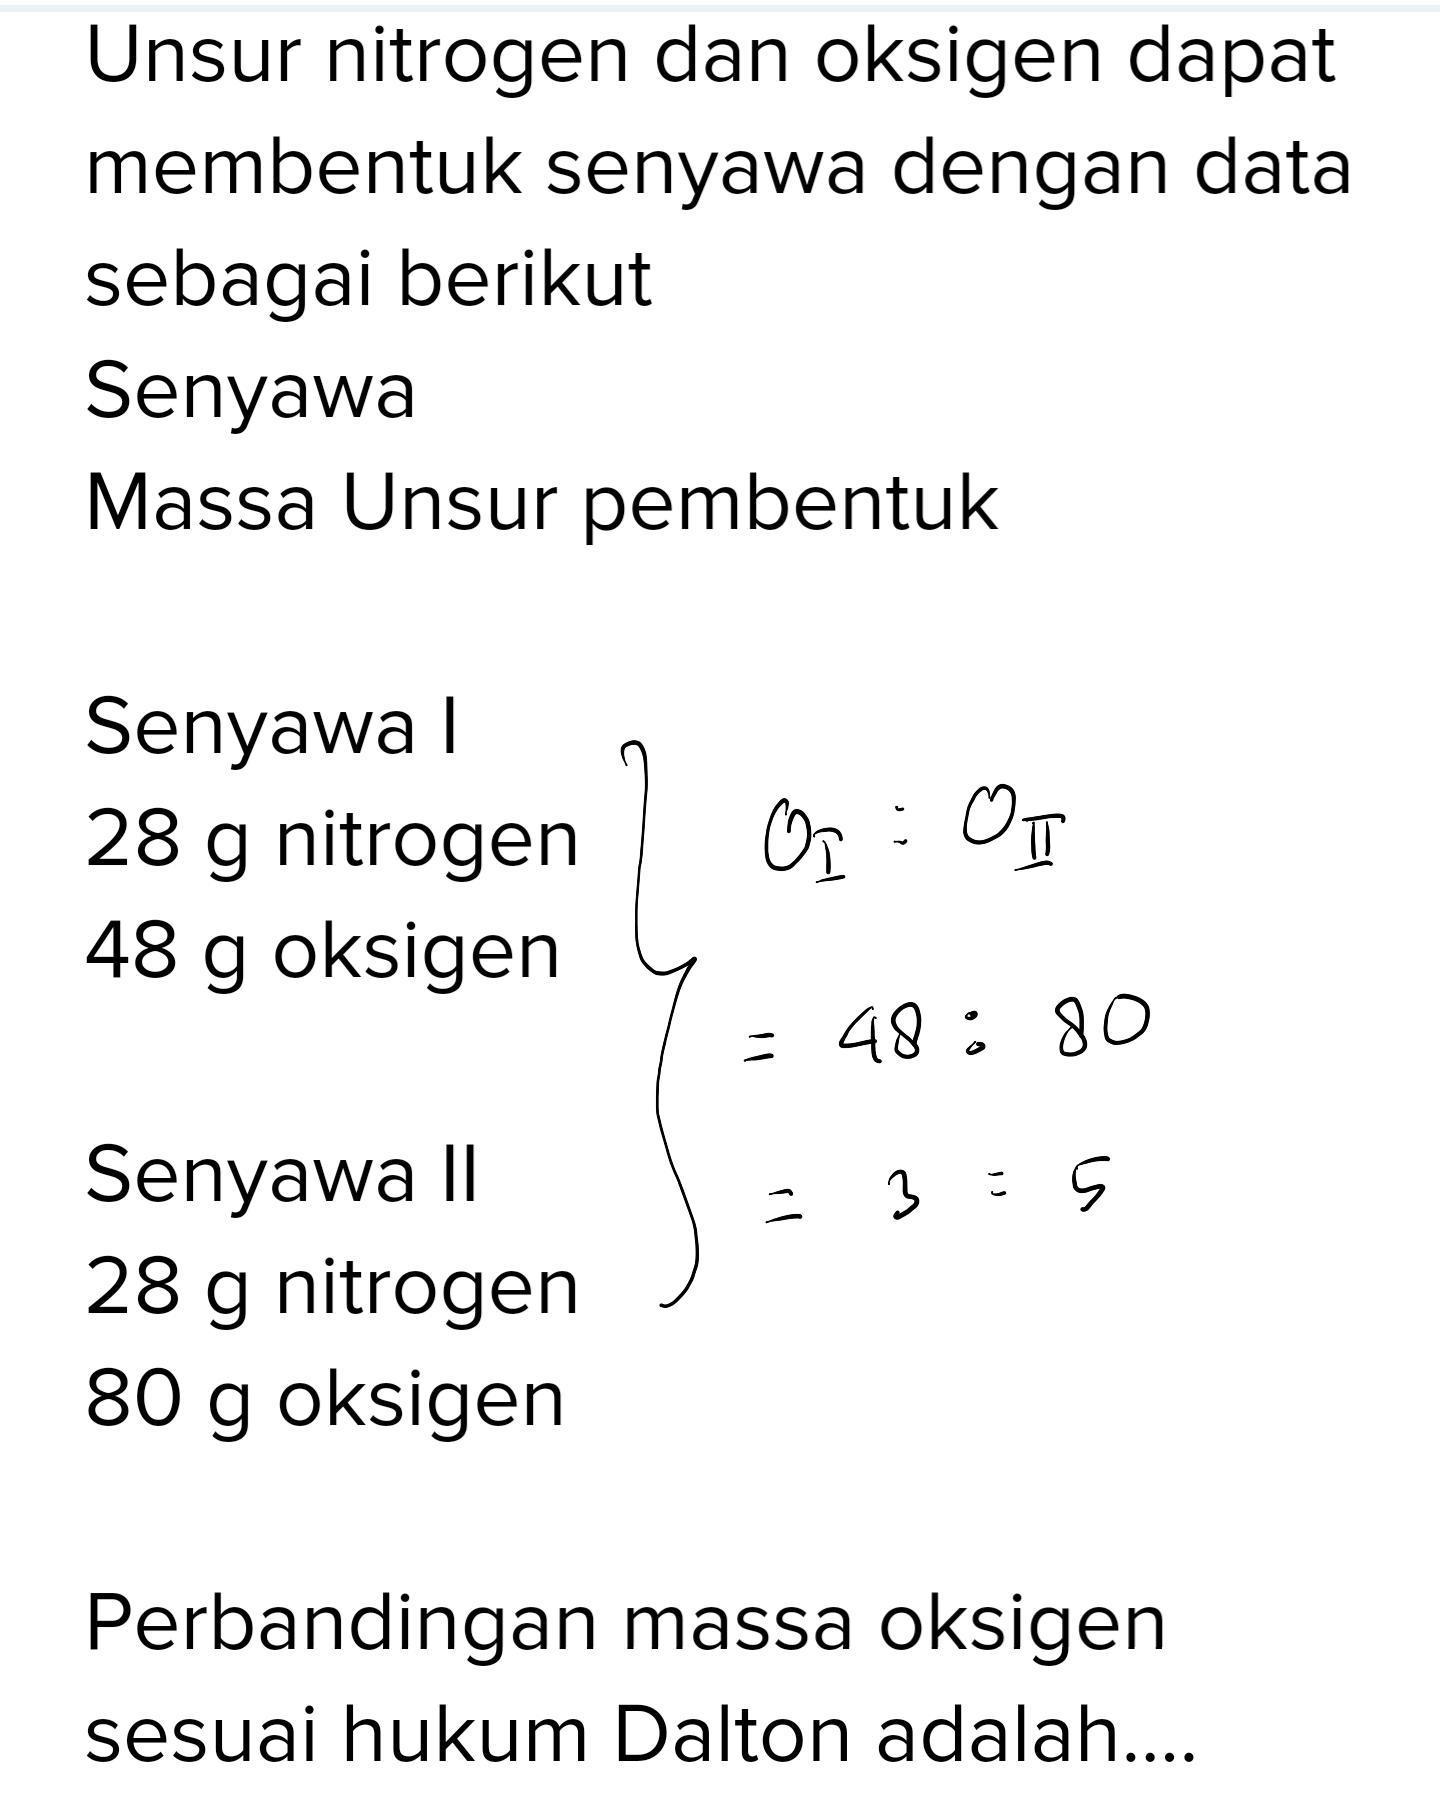 Hukum Dalton Adalah : hukum, dalton, adalah, Unsur, Nitrogen, Oksigen, Dapat, Membentuk, Senyawa, Dengan, Sebagai, Berikut, Massa, Brainly.co.id